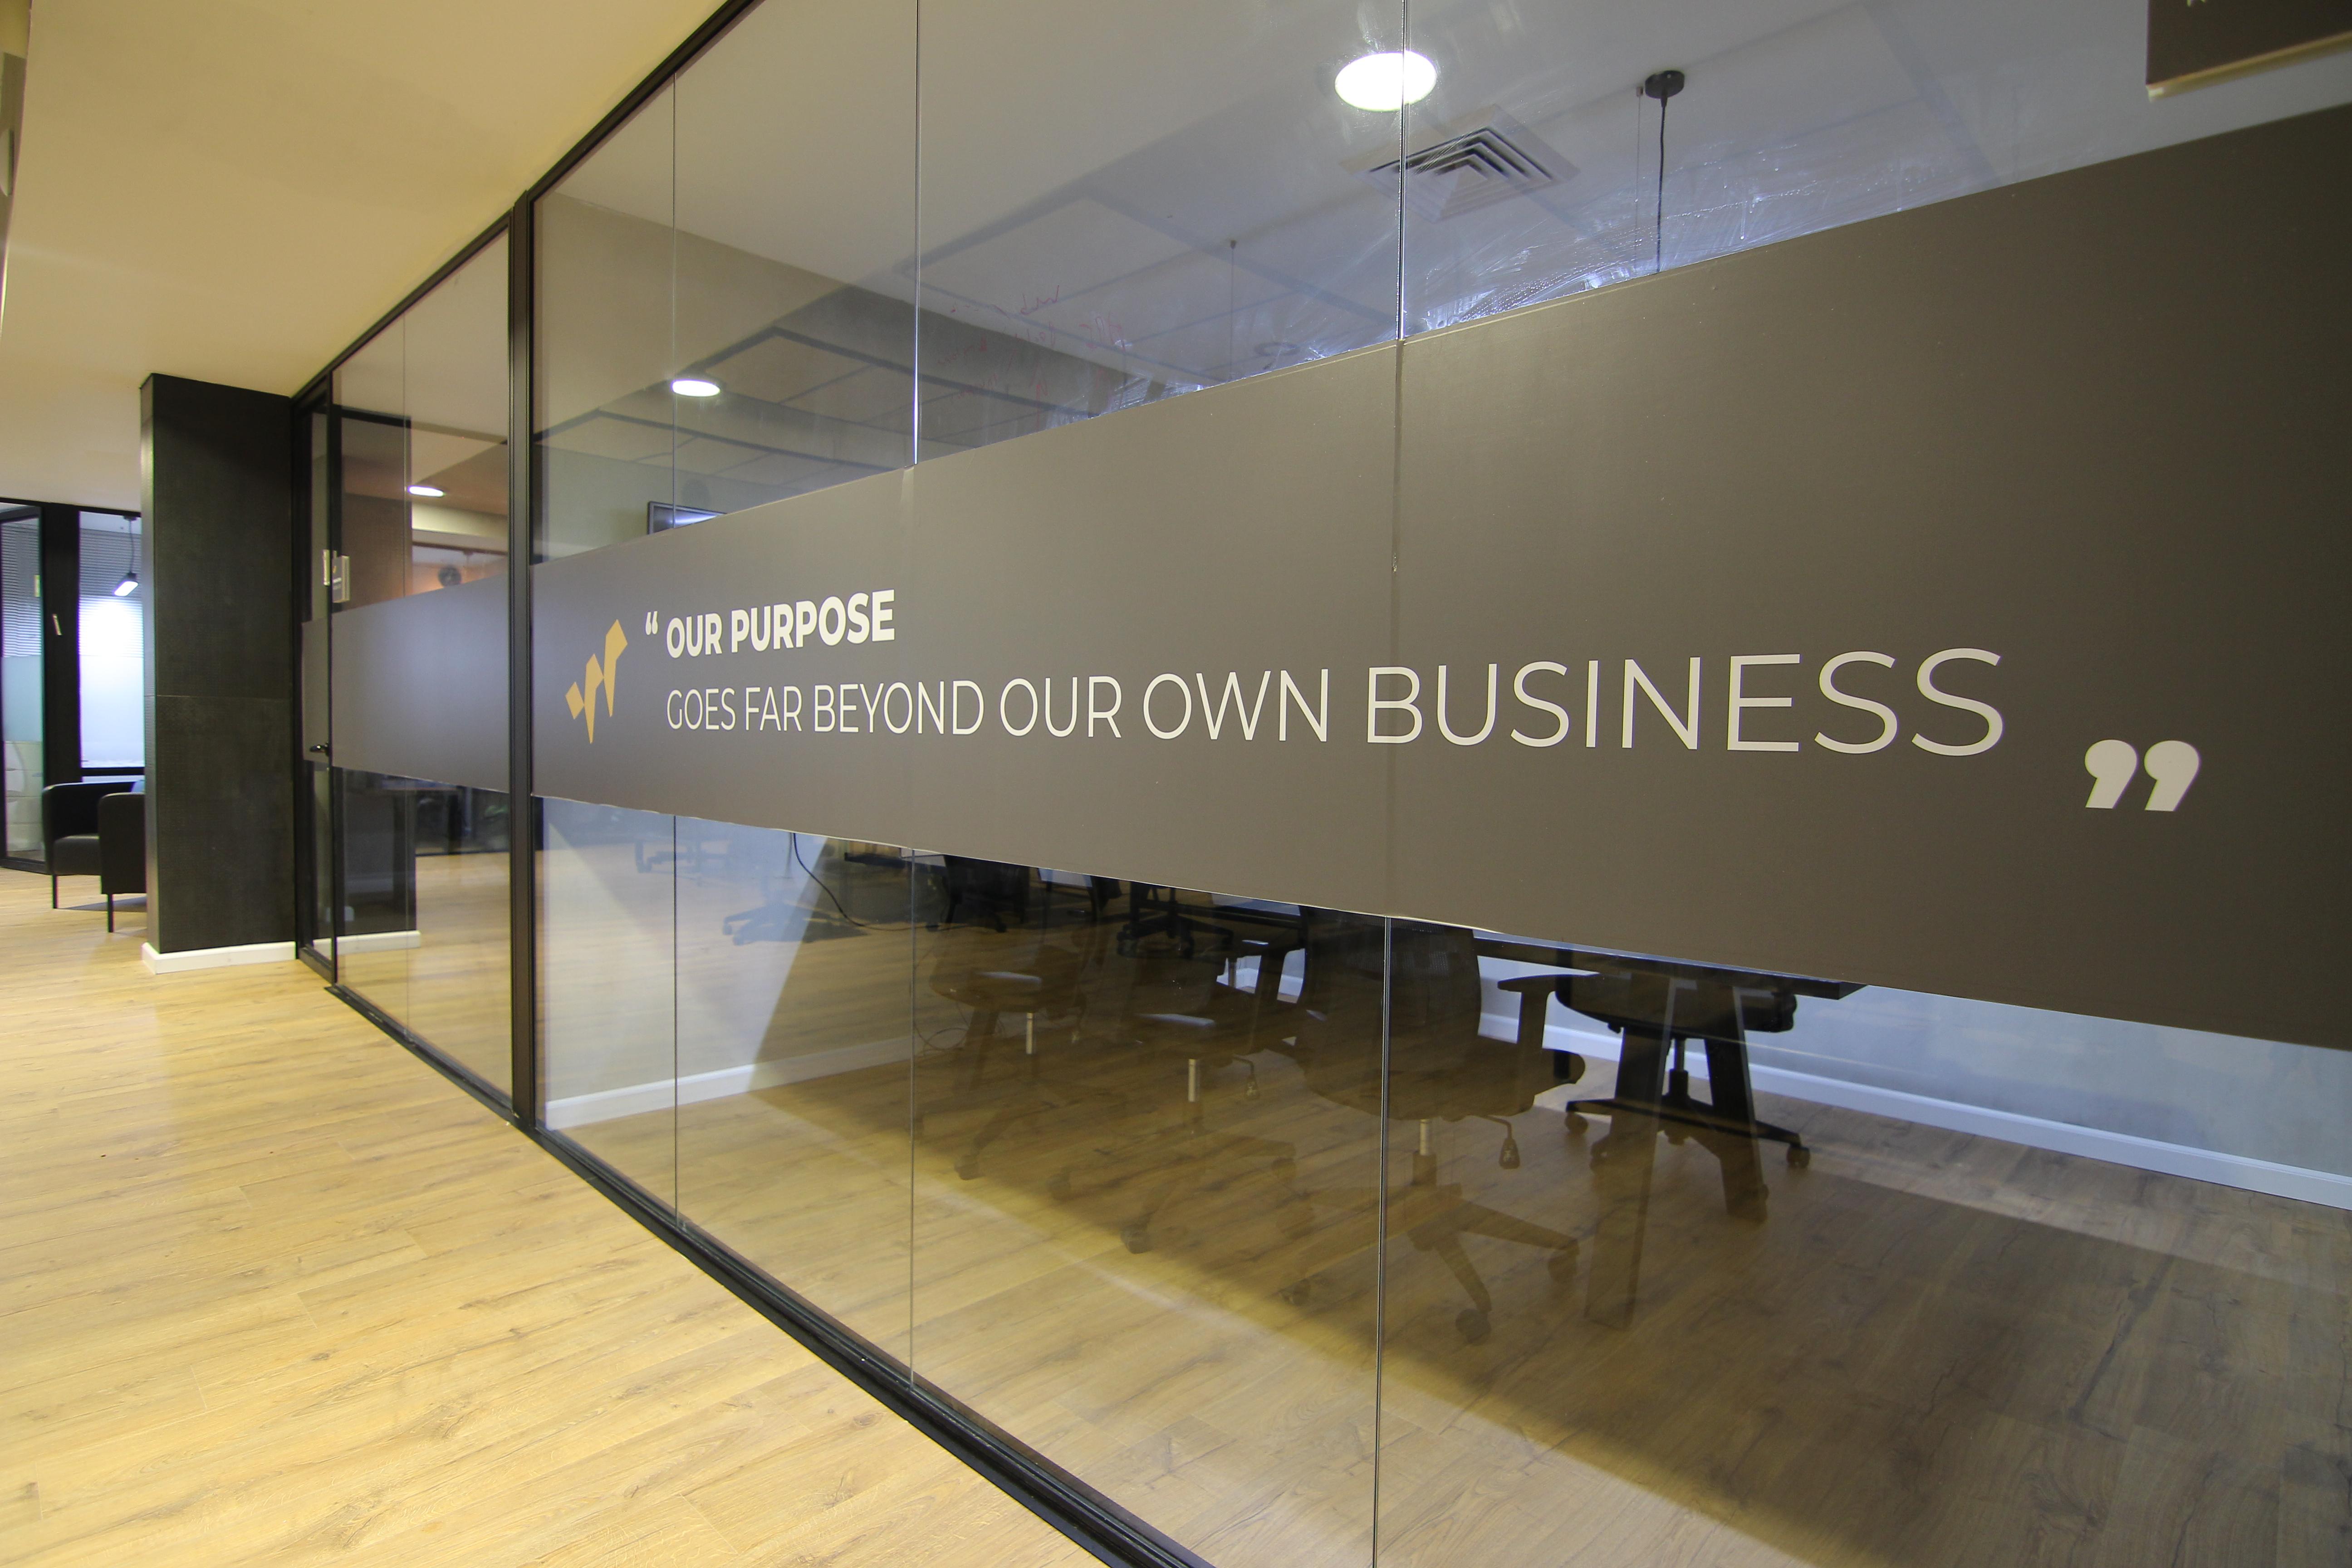 עיצוב פנים מדבקה על זכוכית למשרד | אדריכלות מדבקה על זכוכית למשרד - מדבקה על זכוכית למשרד